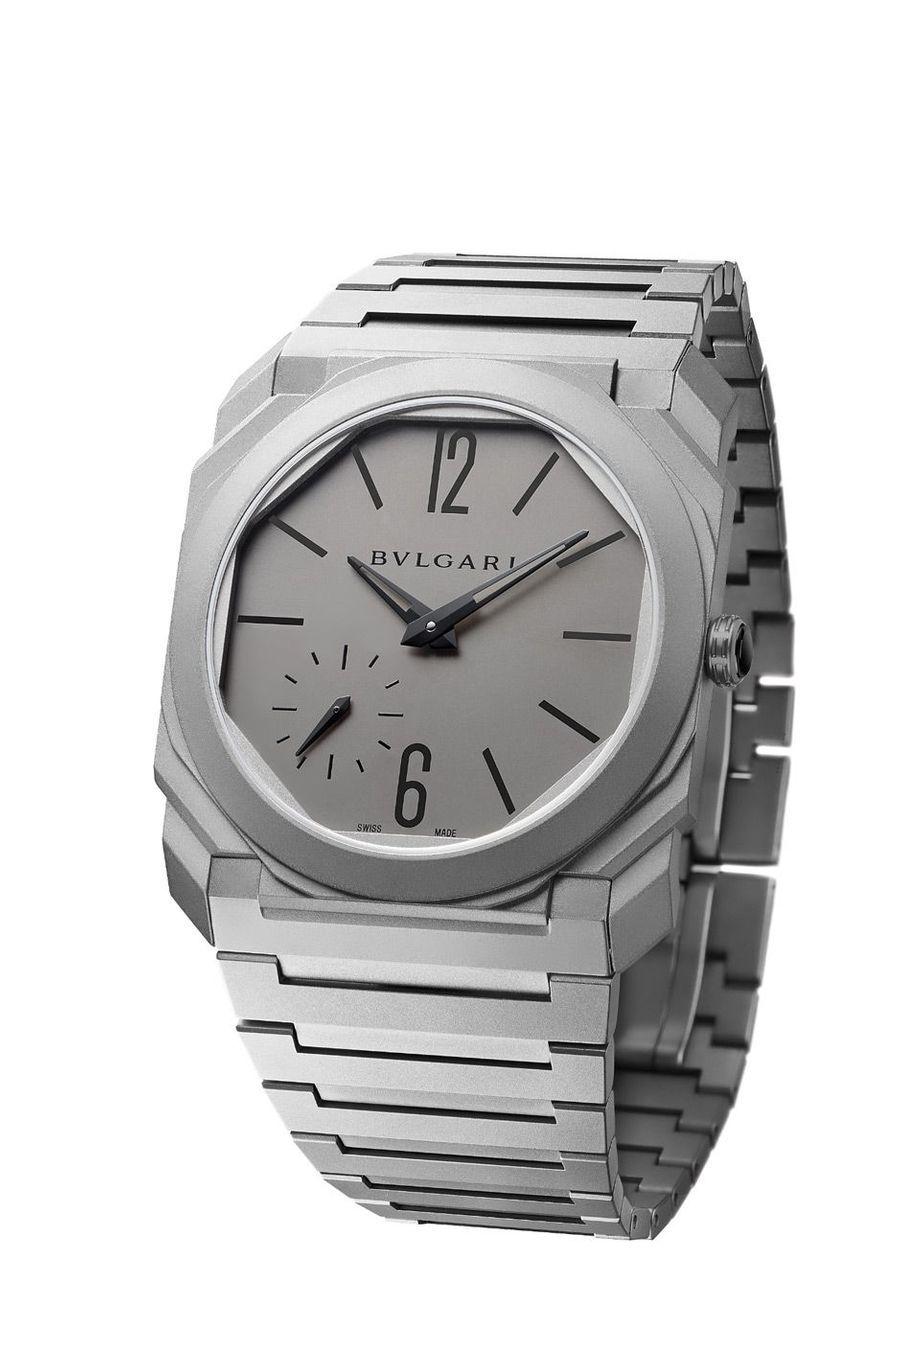 Octo Finissimo, boîte en titane de 5, 15 mm d'épaisseur, mouvement automatique de 2, 23 mm d'épaisseur, bracelet en titane. 13 500 €. Bulgari.